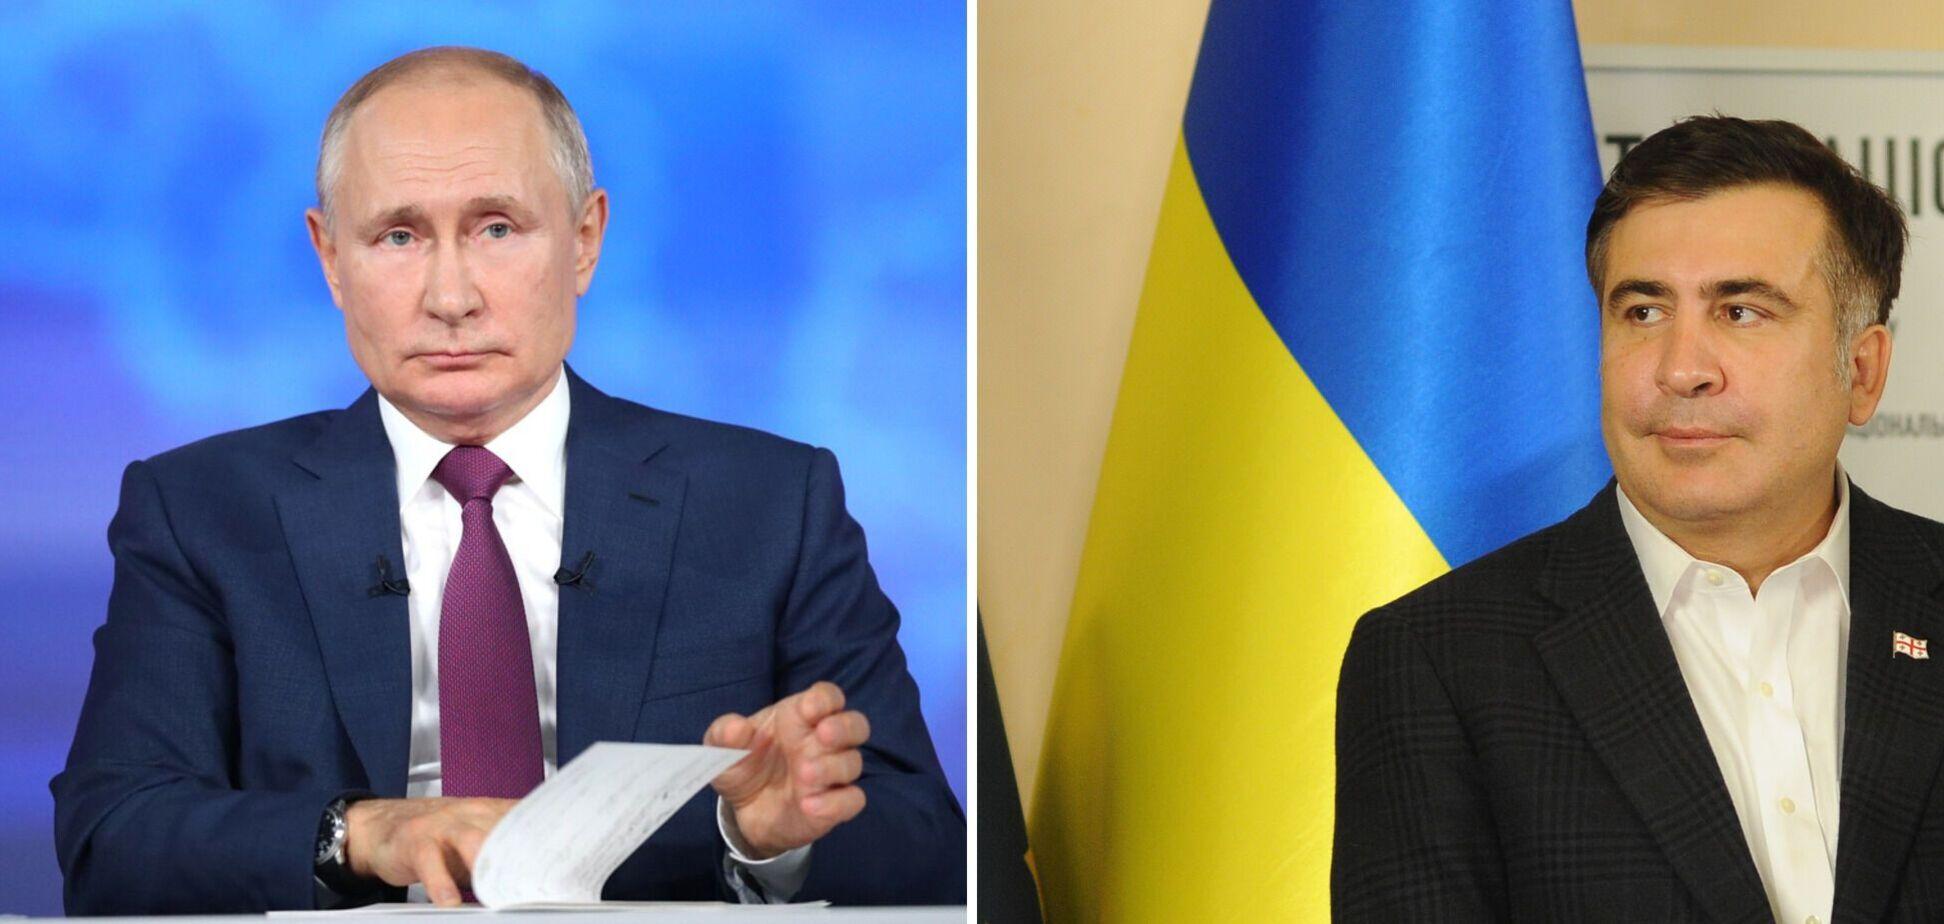 Саакашвілі назвав ім'я вождя СРСР, яким захоплюється Путін